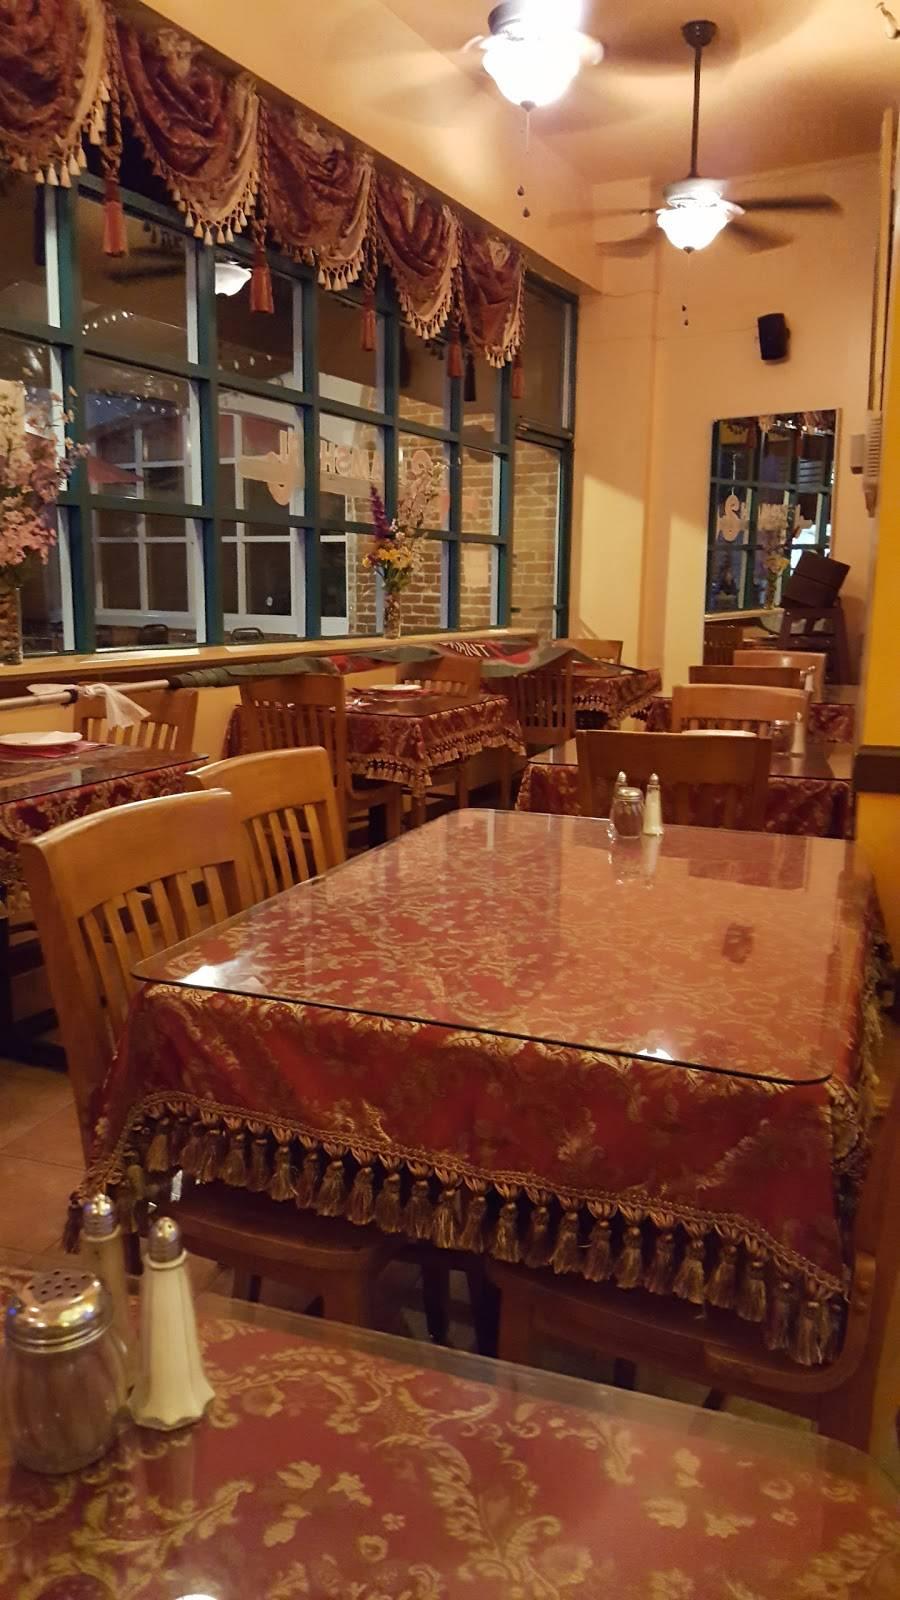 Shamshiri Glendale | restaurant | 122 W Stocker St, Glendale, CA 91202, USA | 8182469541 OR +1 818-246-9541